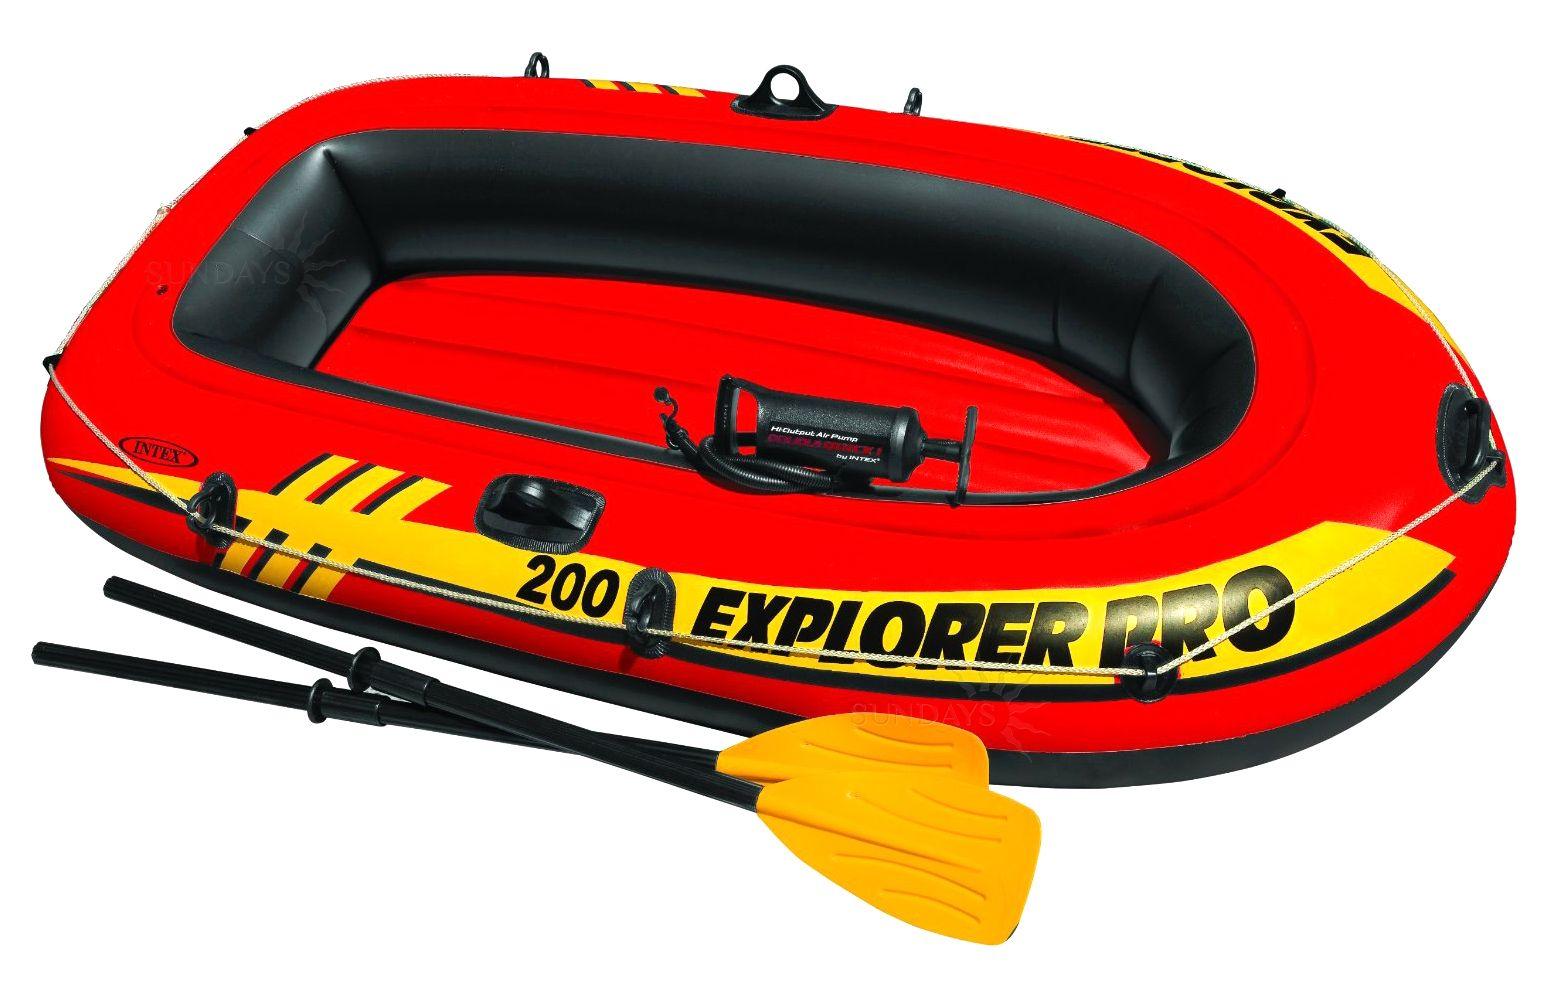 купить лодку в беларуси в интернет магазине интекс